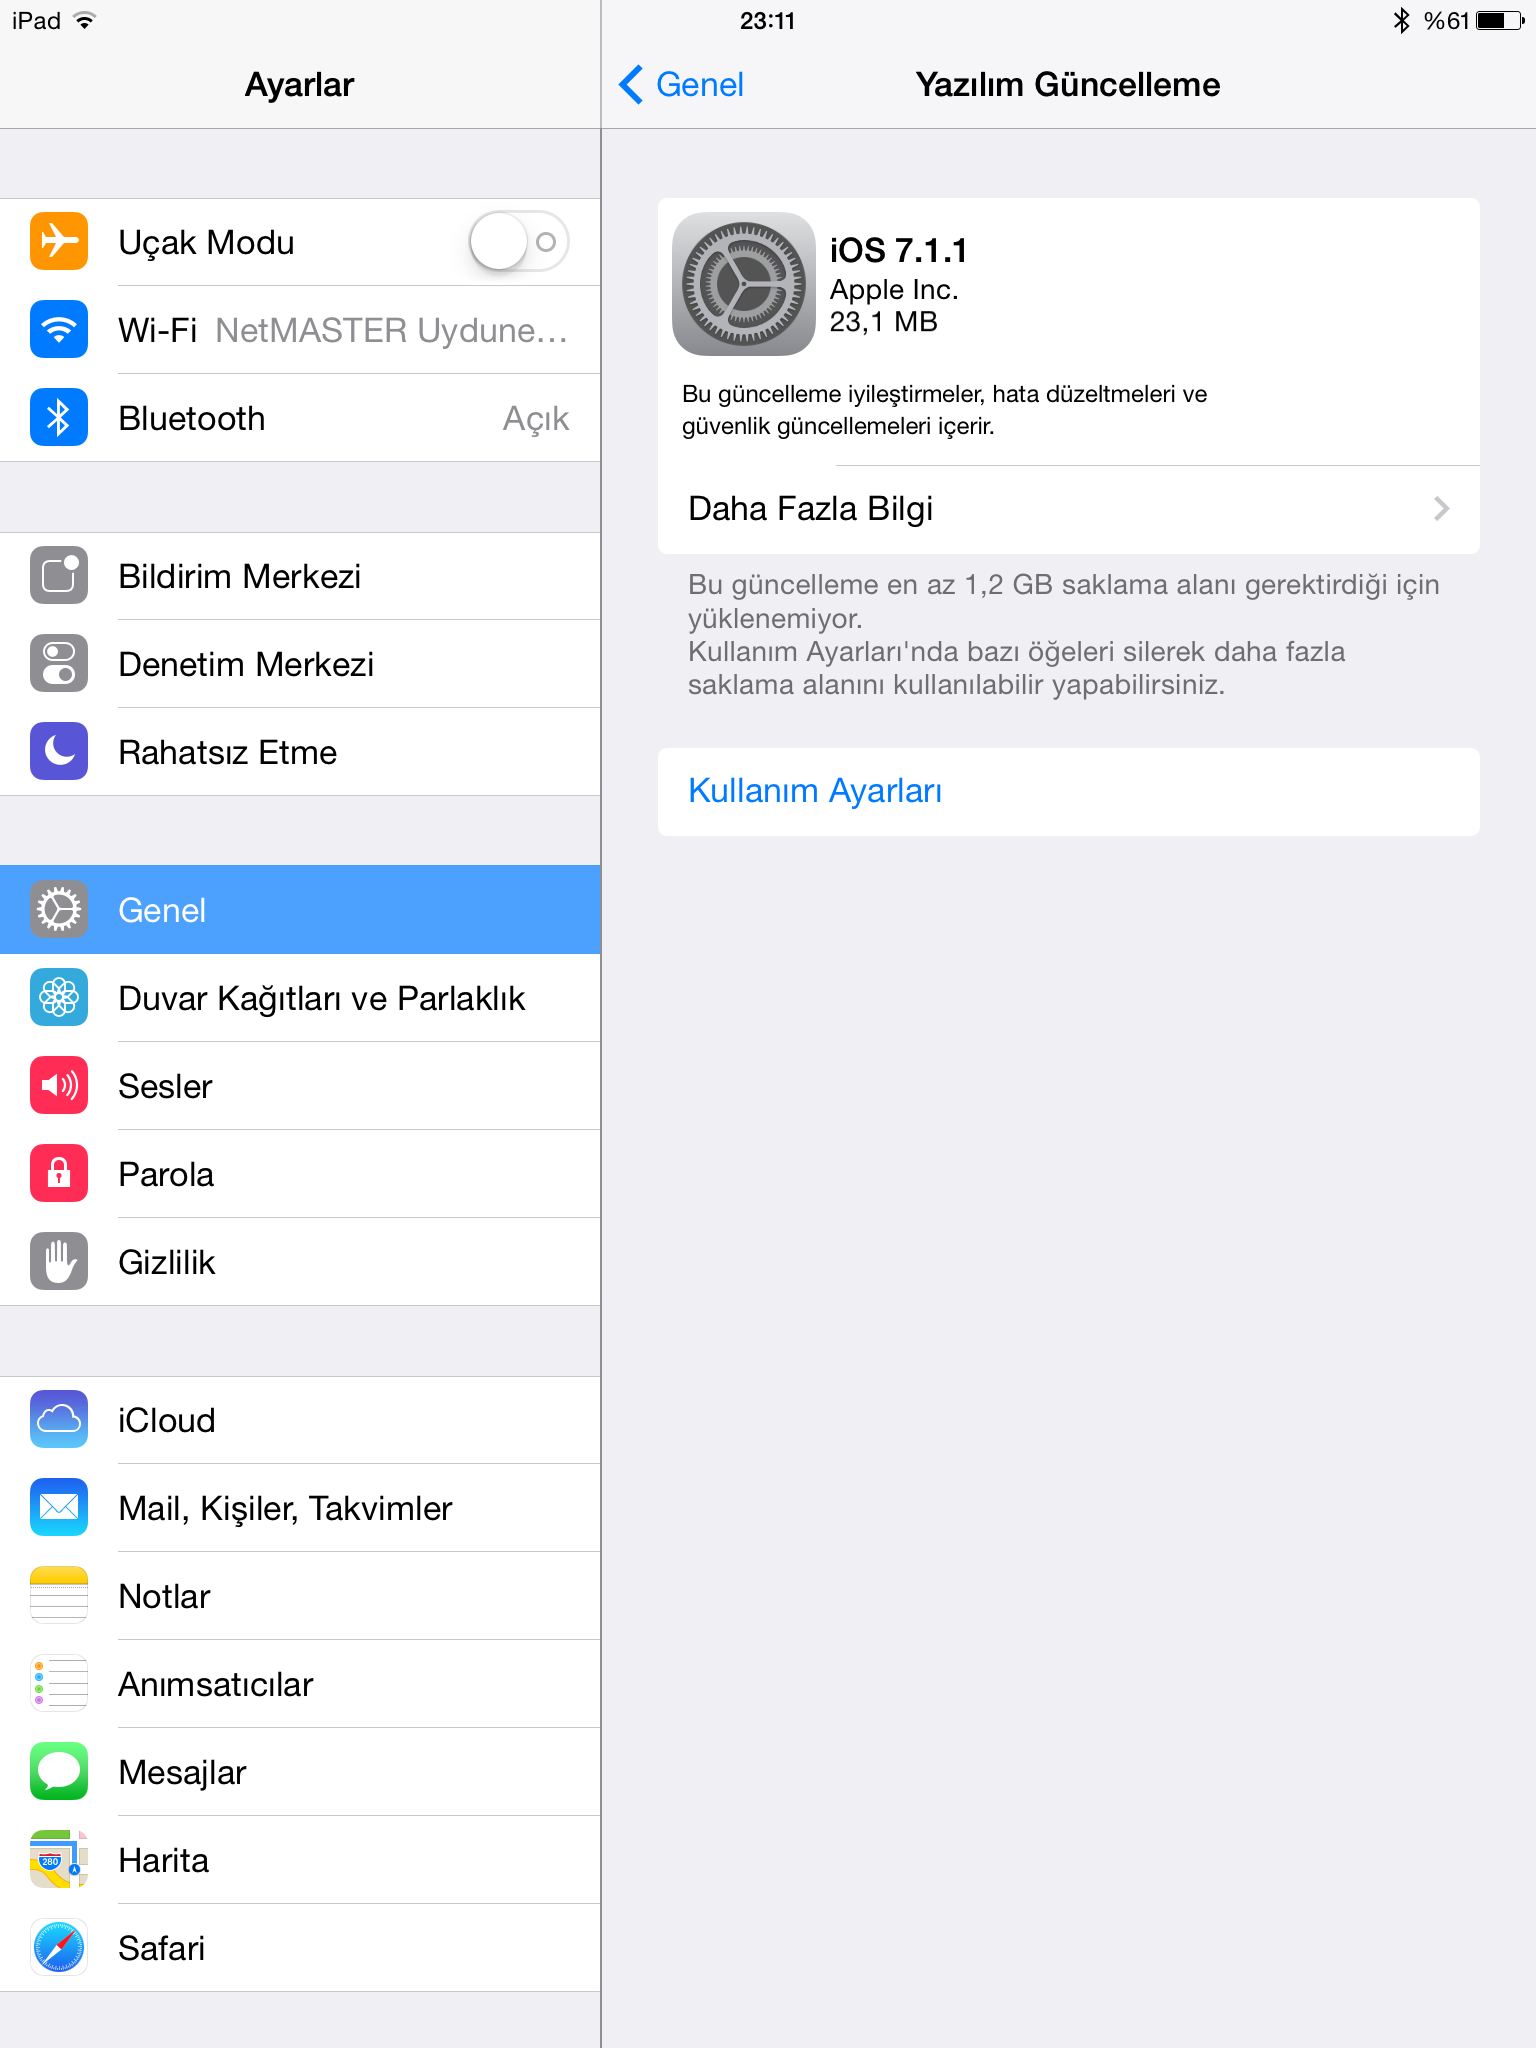 iOS 7.1.1 Disk Alanı Sorunu